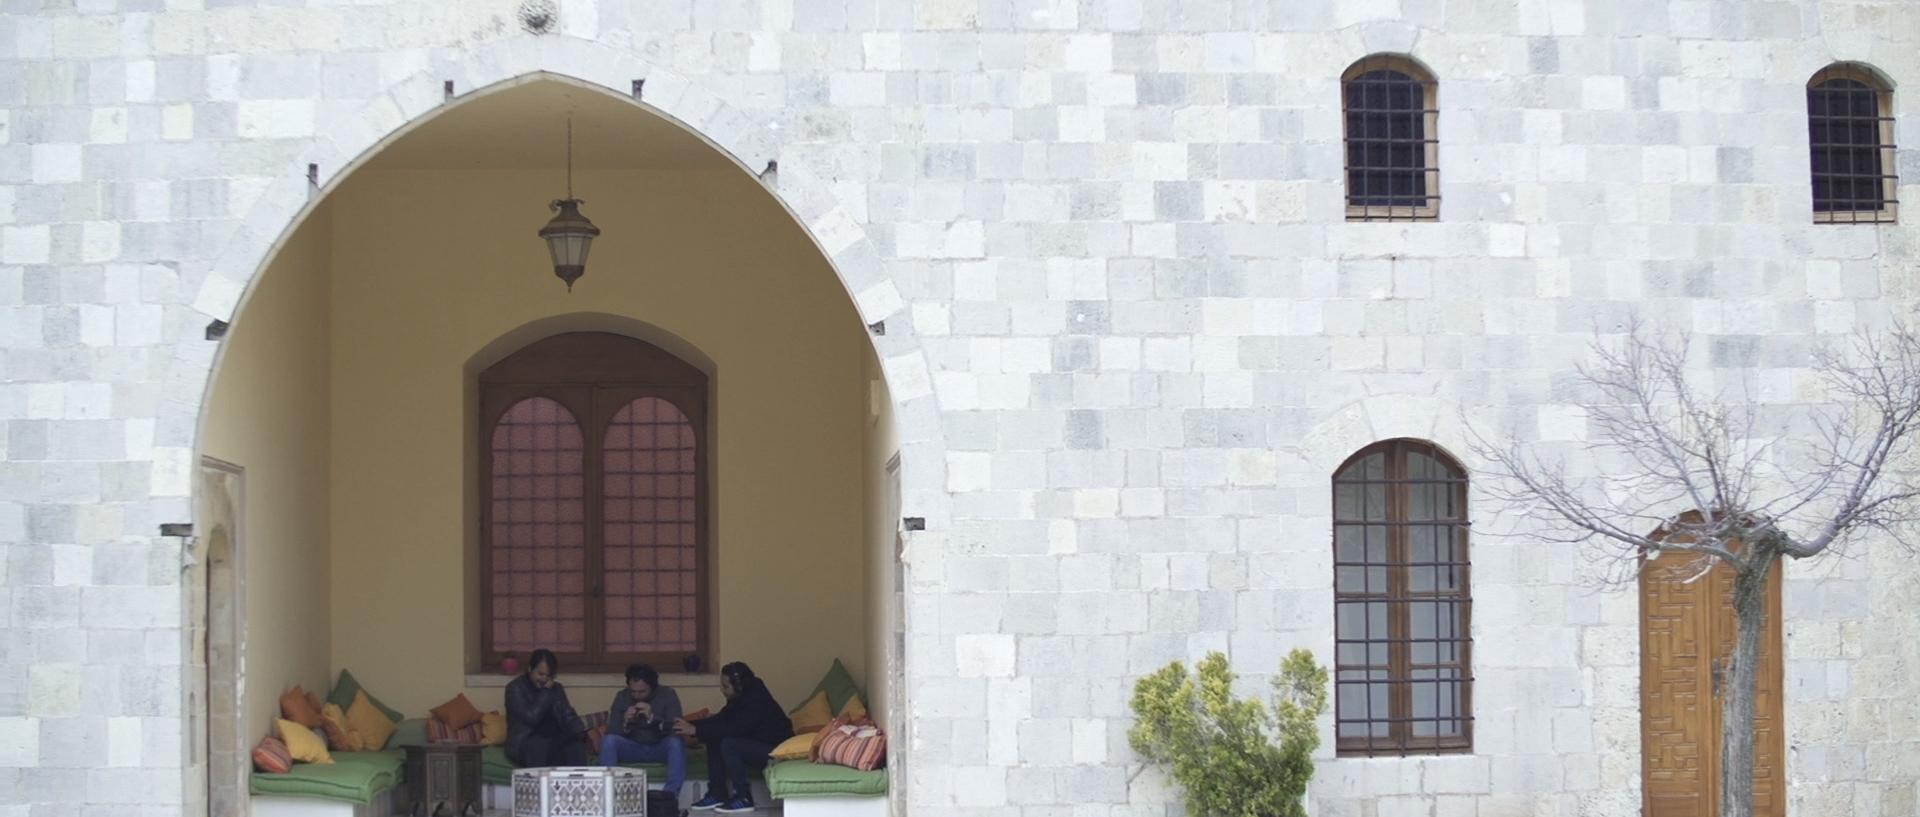 Sara al arab land rover_1.197.1.jpg